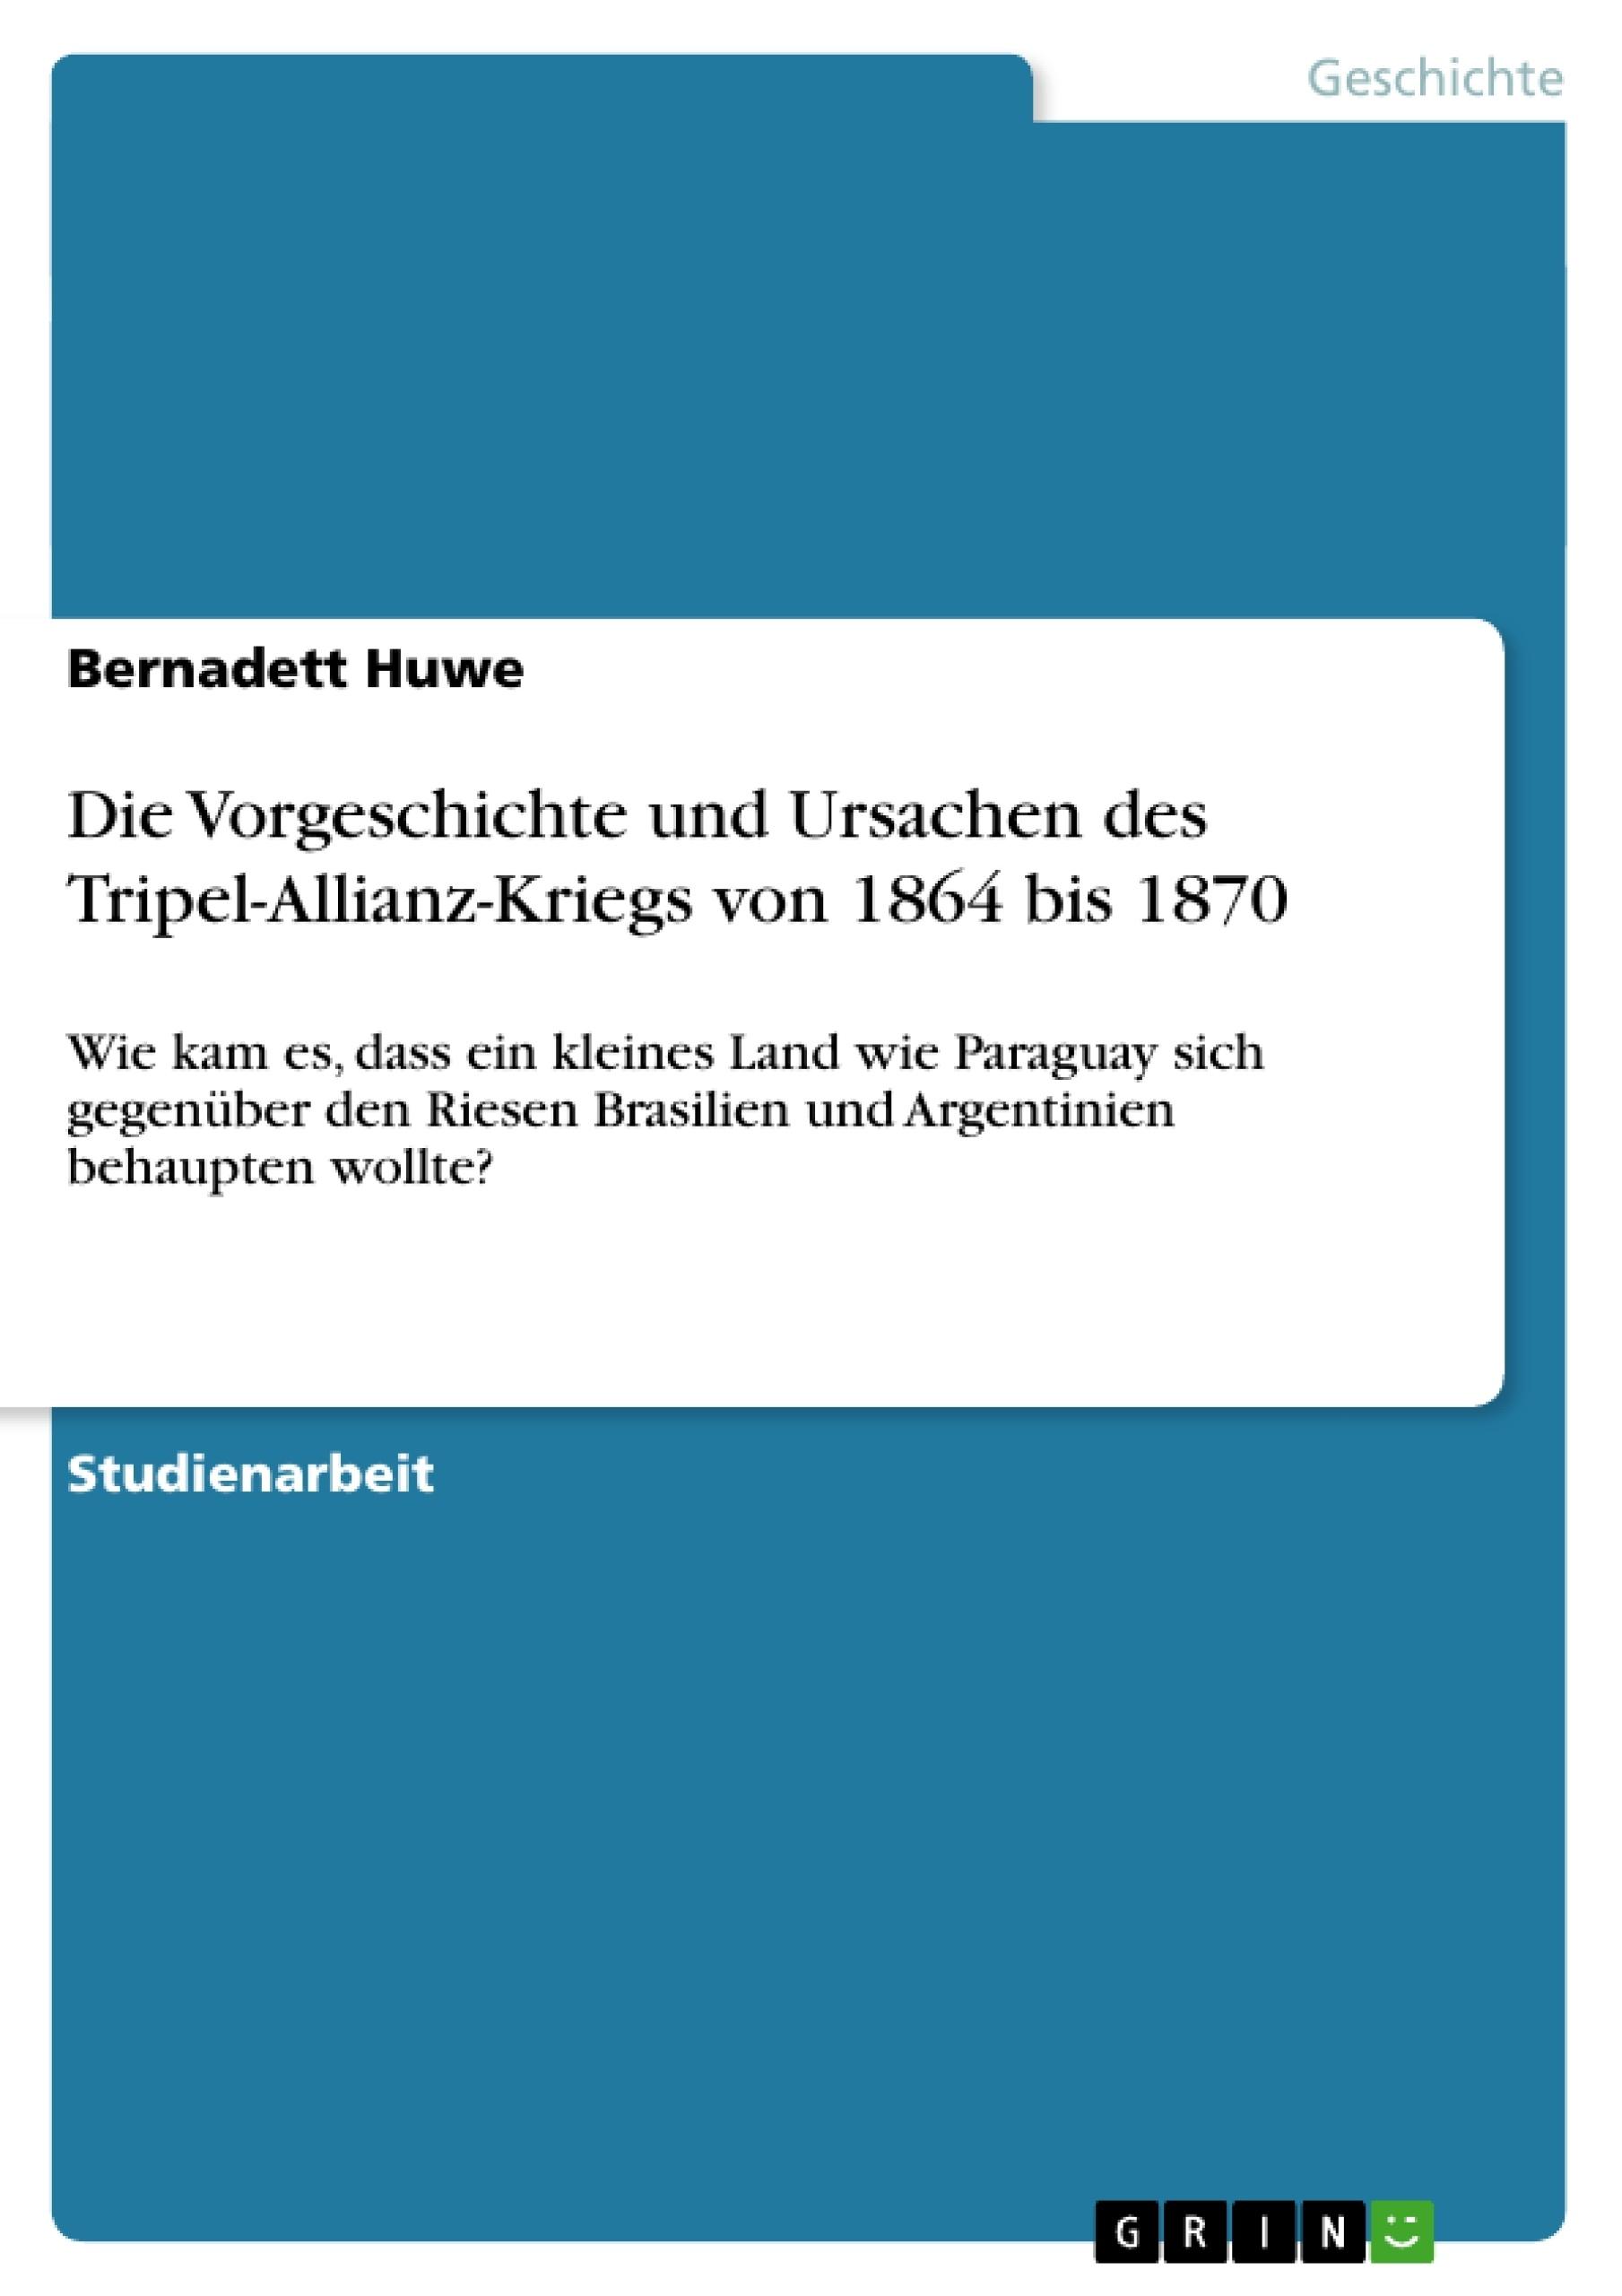 Titel: Die Vorgeschichte und Ursachen des Tripel-Allianz-Kriegs von 1864 bis 1870